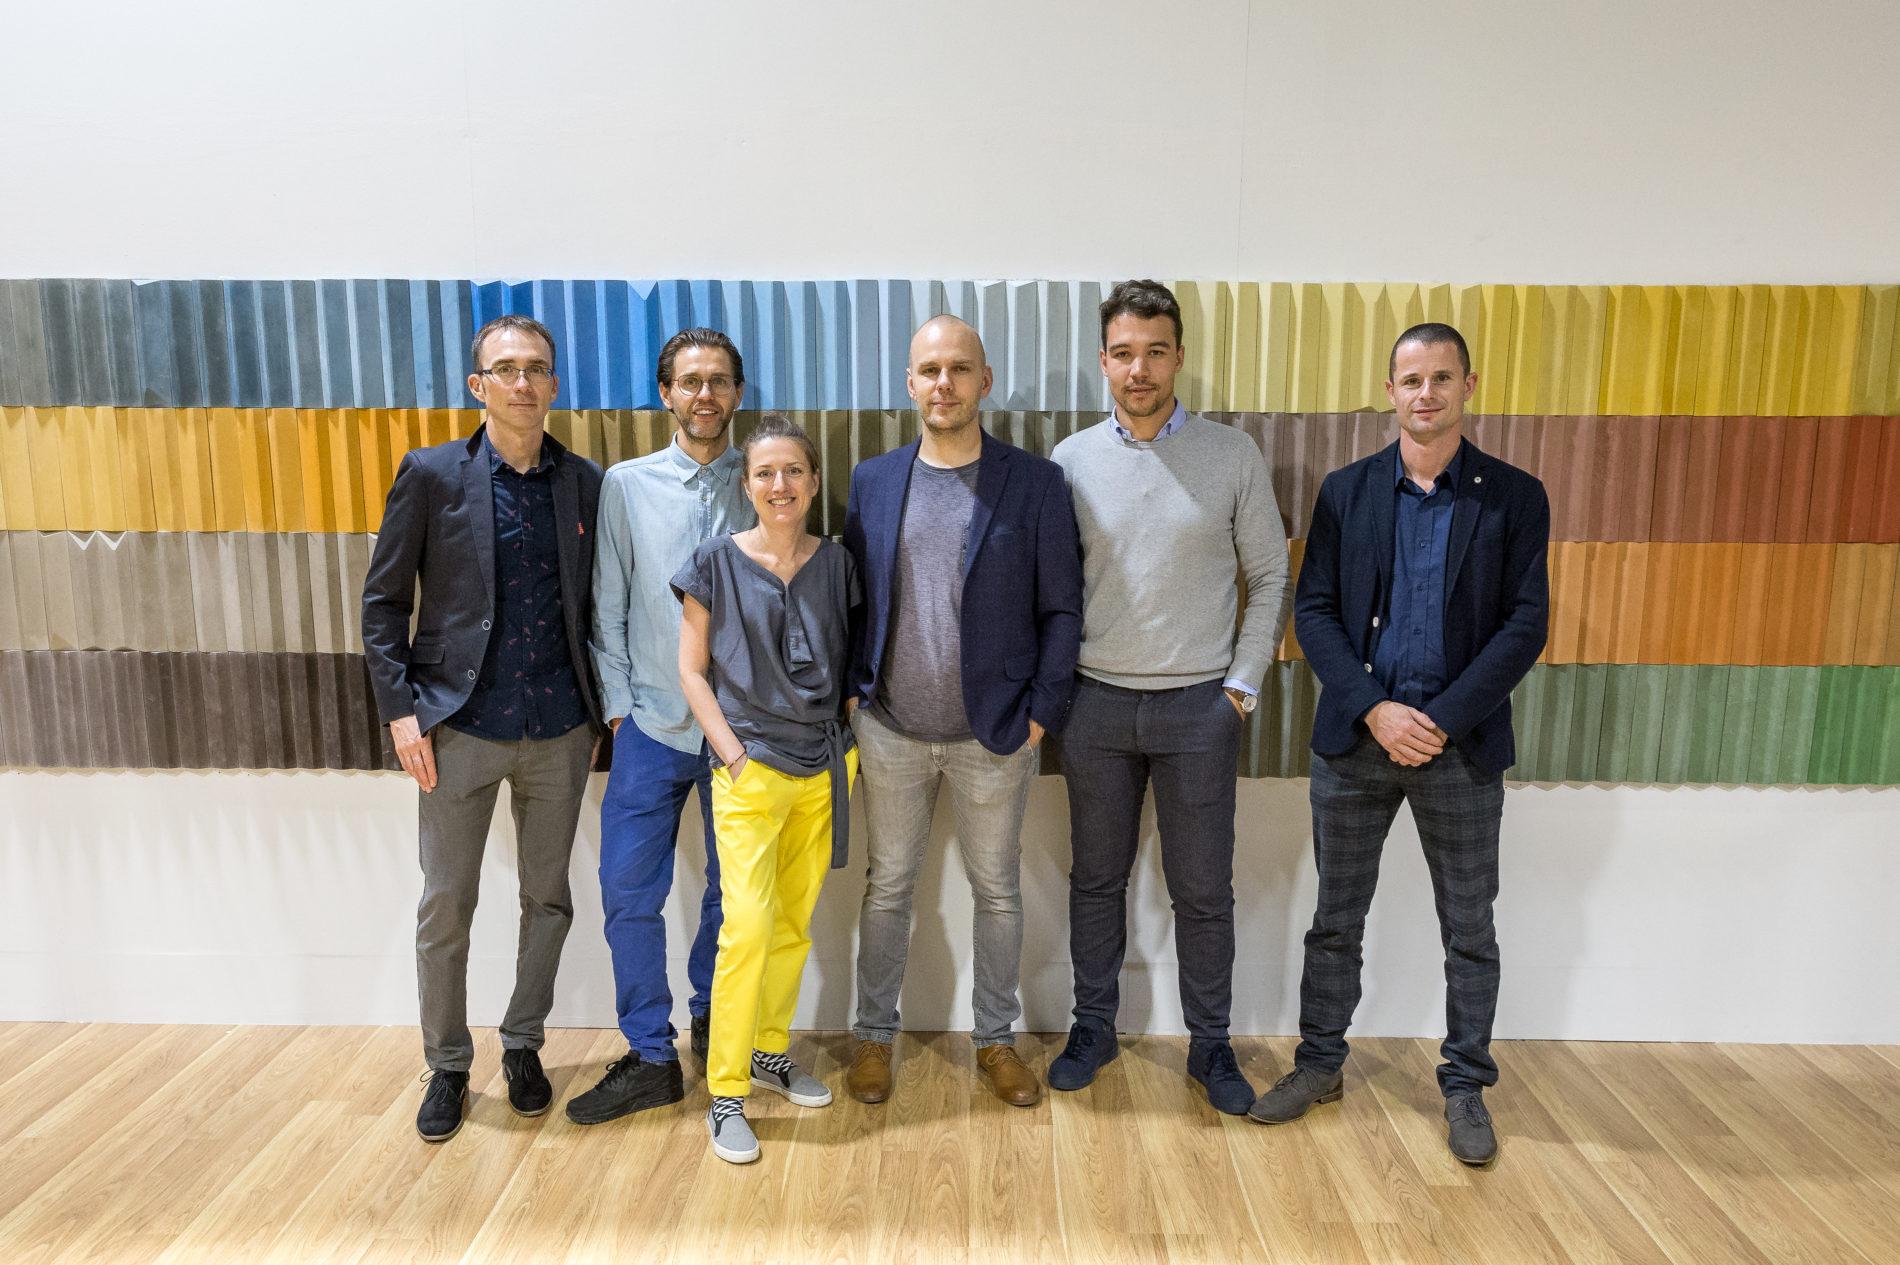 Stoisko MILKE i TEKT Concrete na targach Warsaw Home 2019 - Milke Team